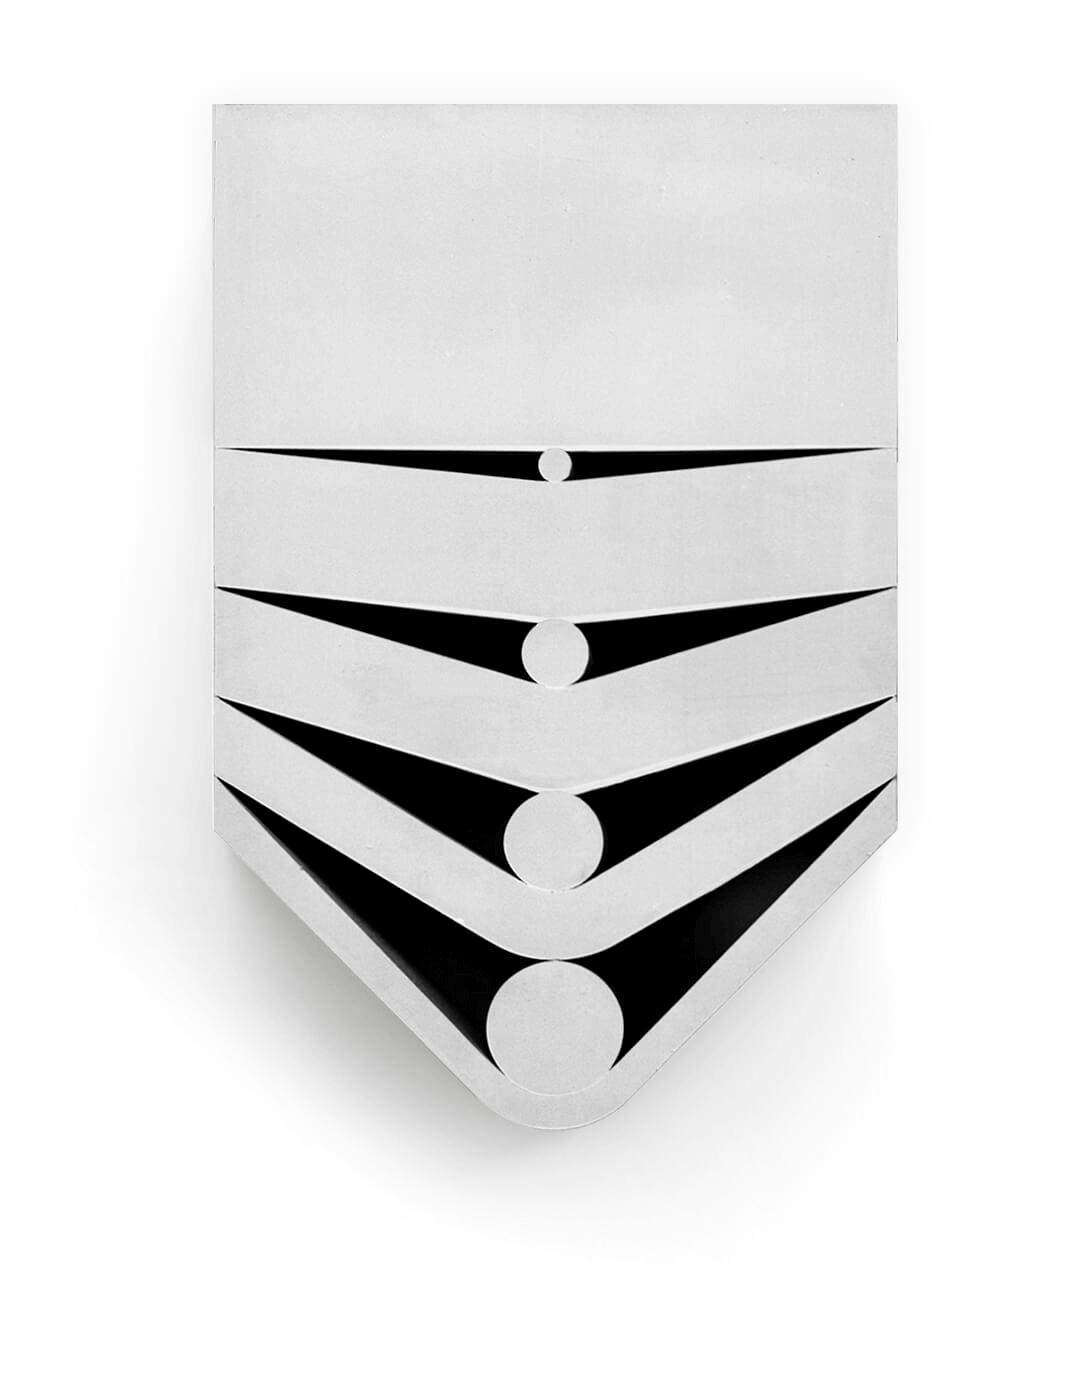 7A-1965b-1